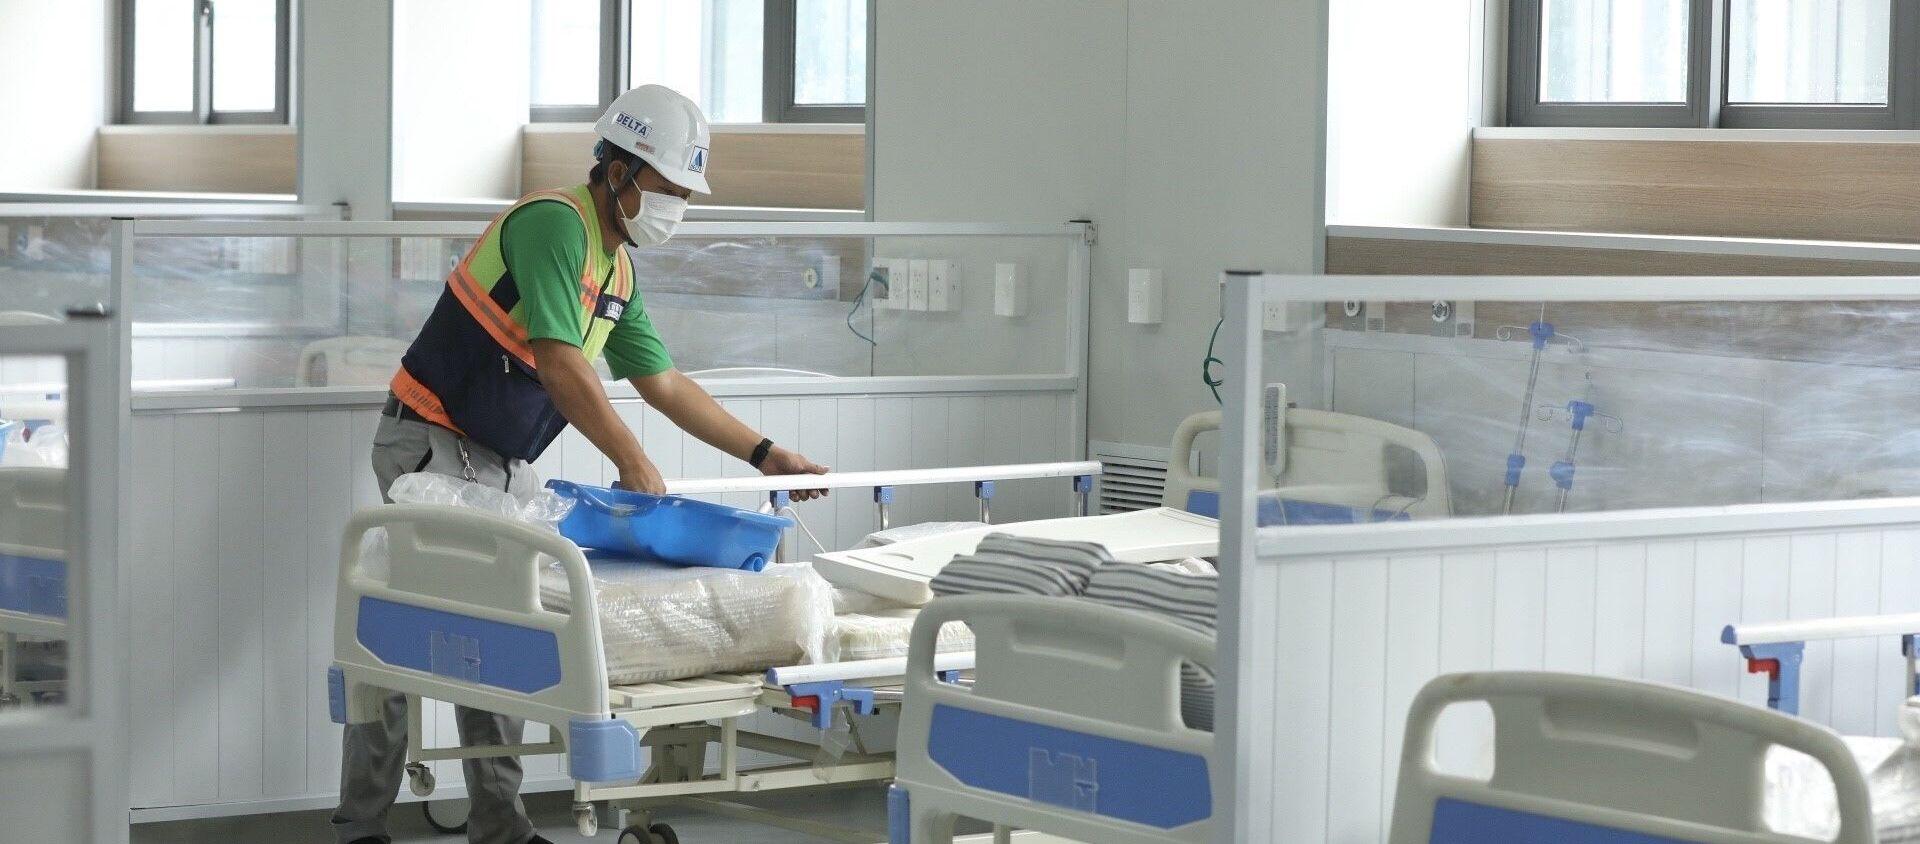 Bệnh viện dã chiến có quy mô 500 giường bệnh, điều trị cho bệnh nhân COVID-19 - Sputnik Việt Nam, 1920, 29.08.2021